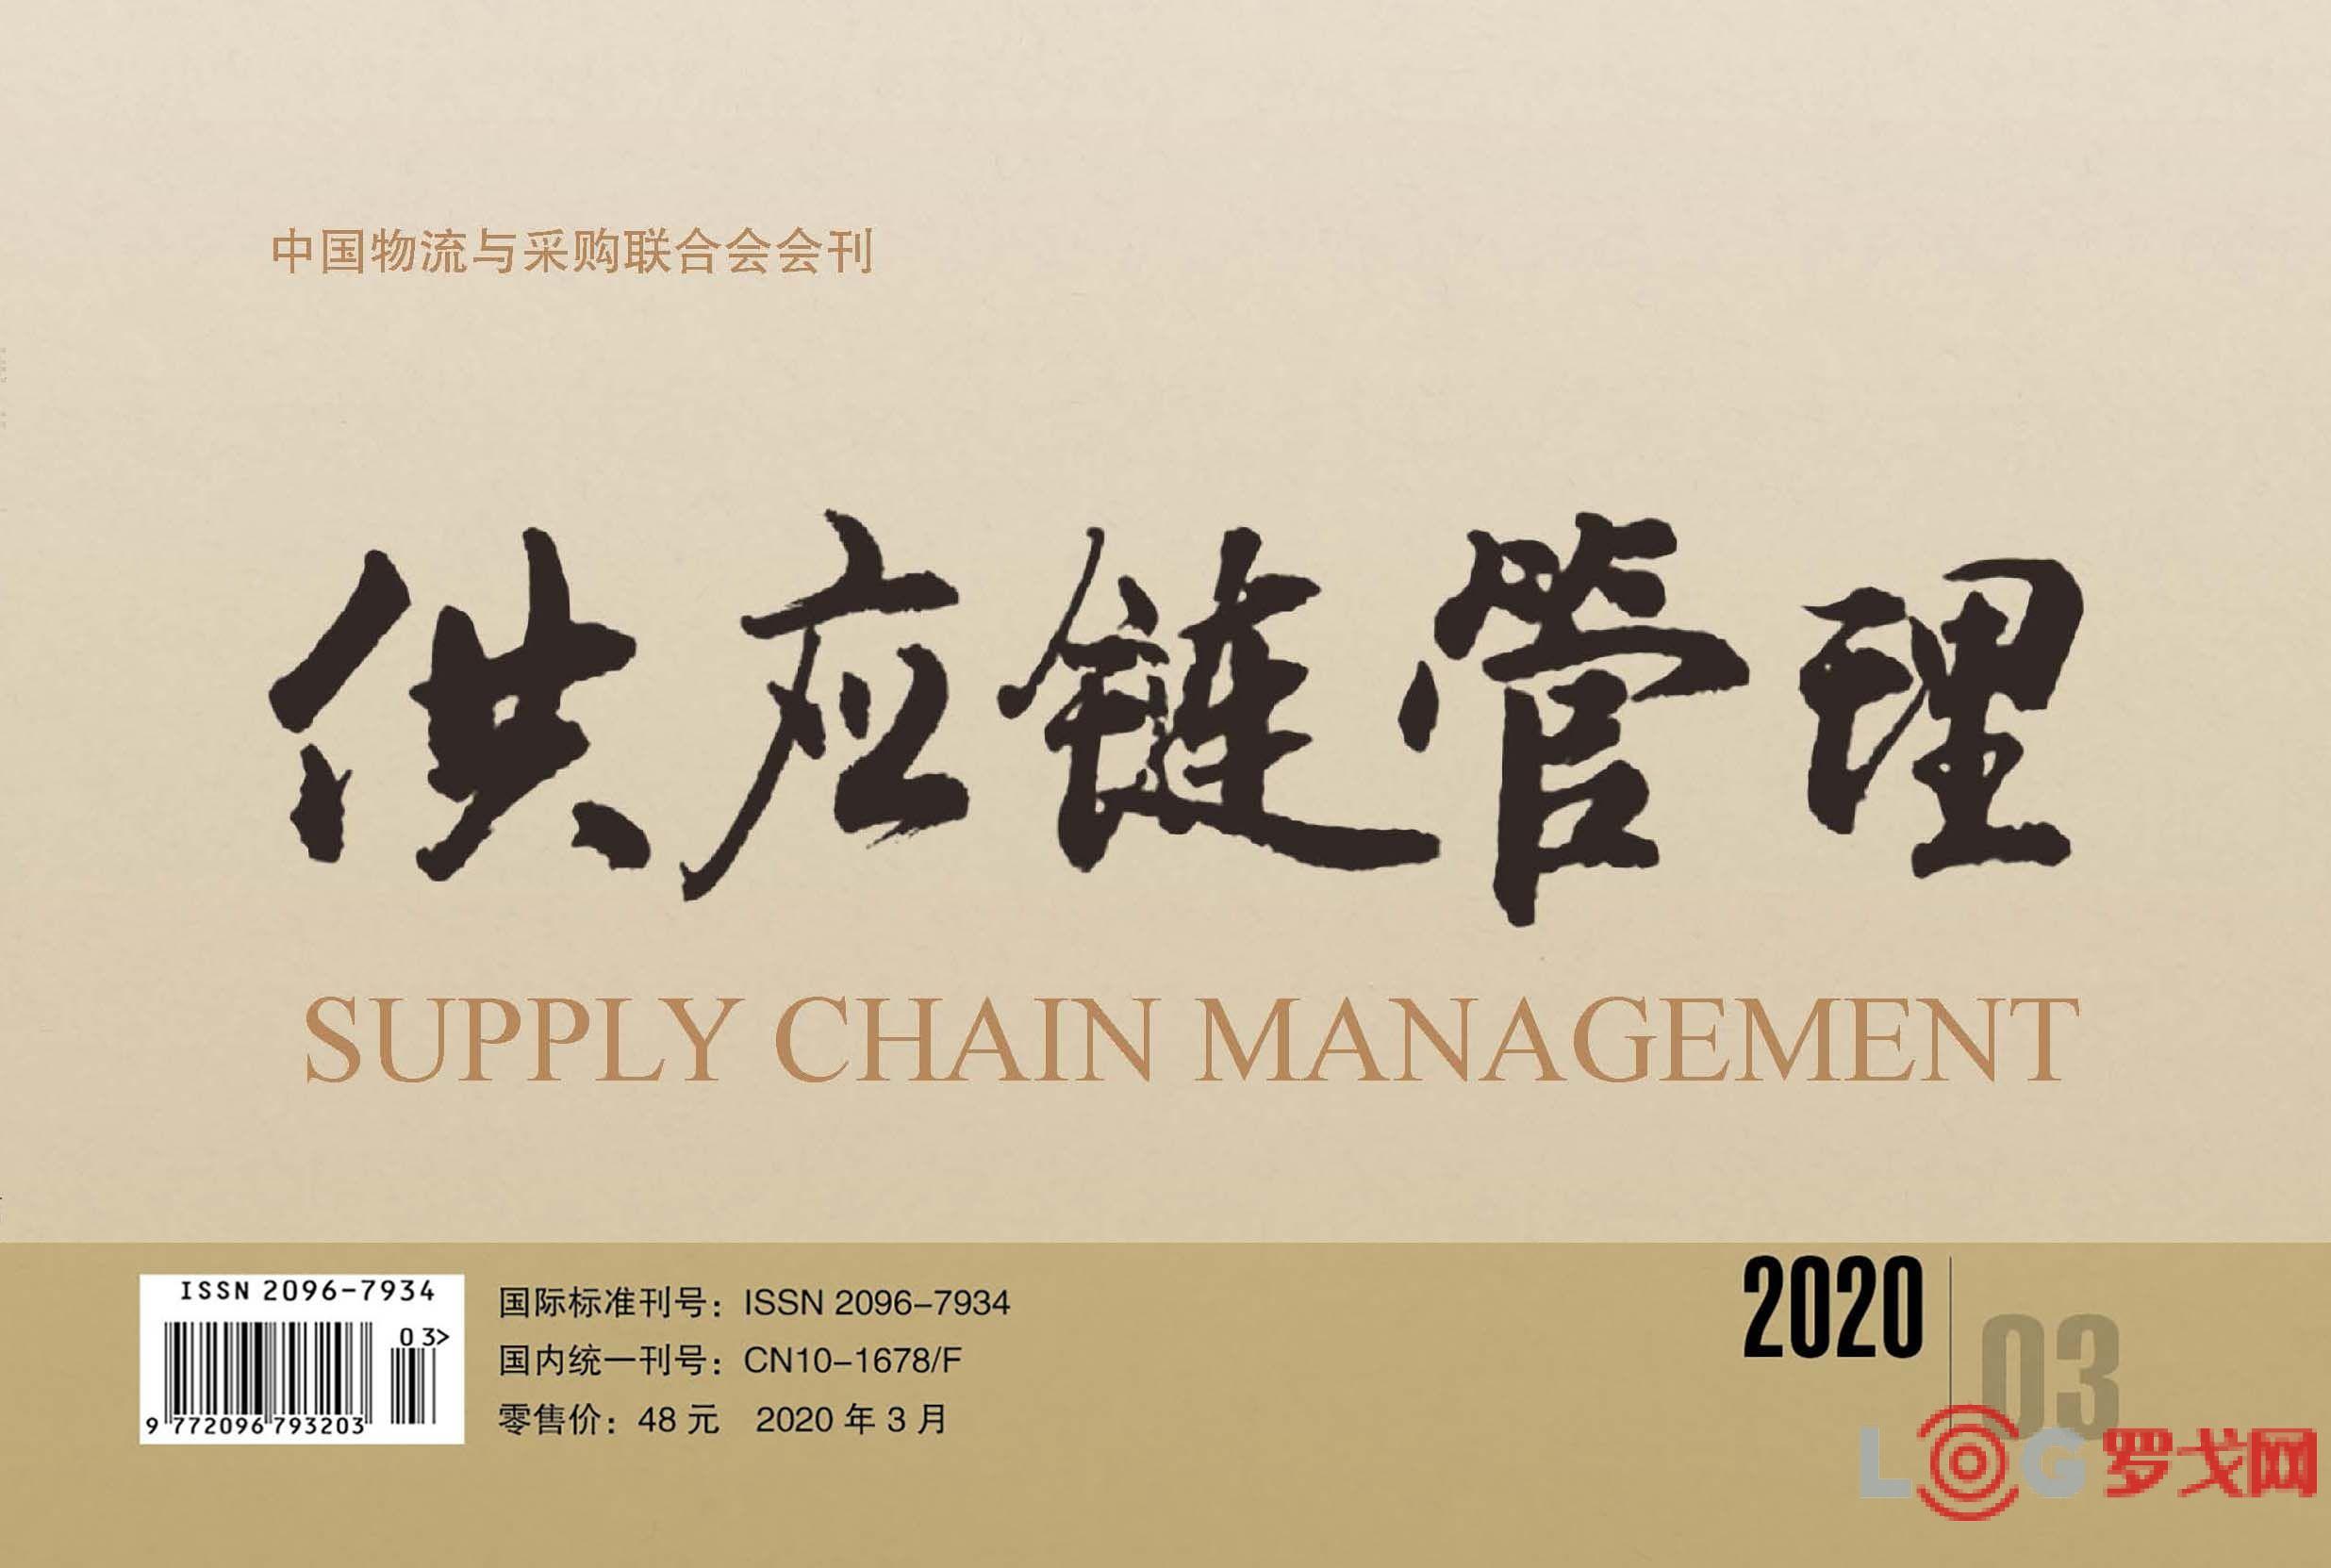 中国唯一《供应链管理》杂志电子版 2020-03期